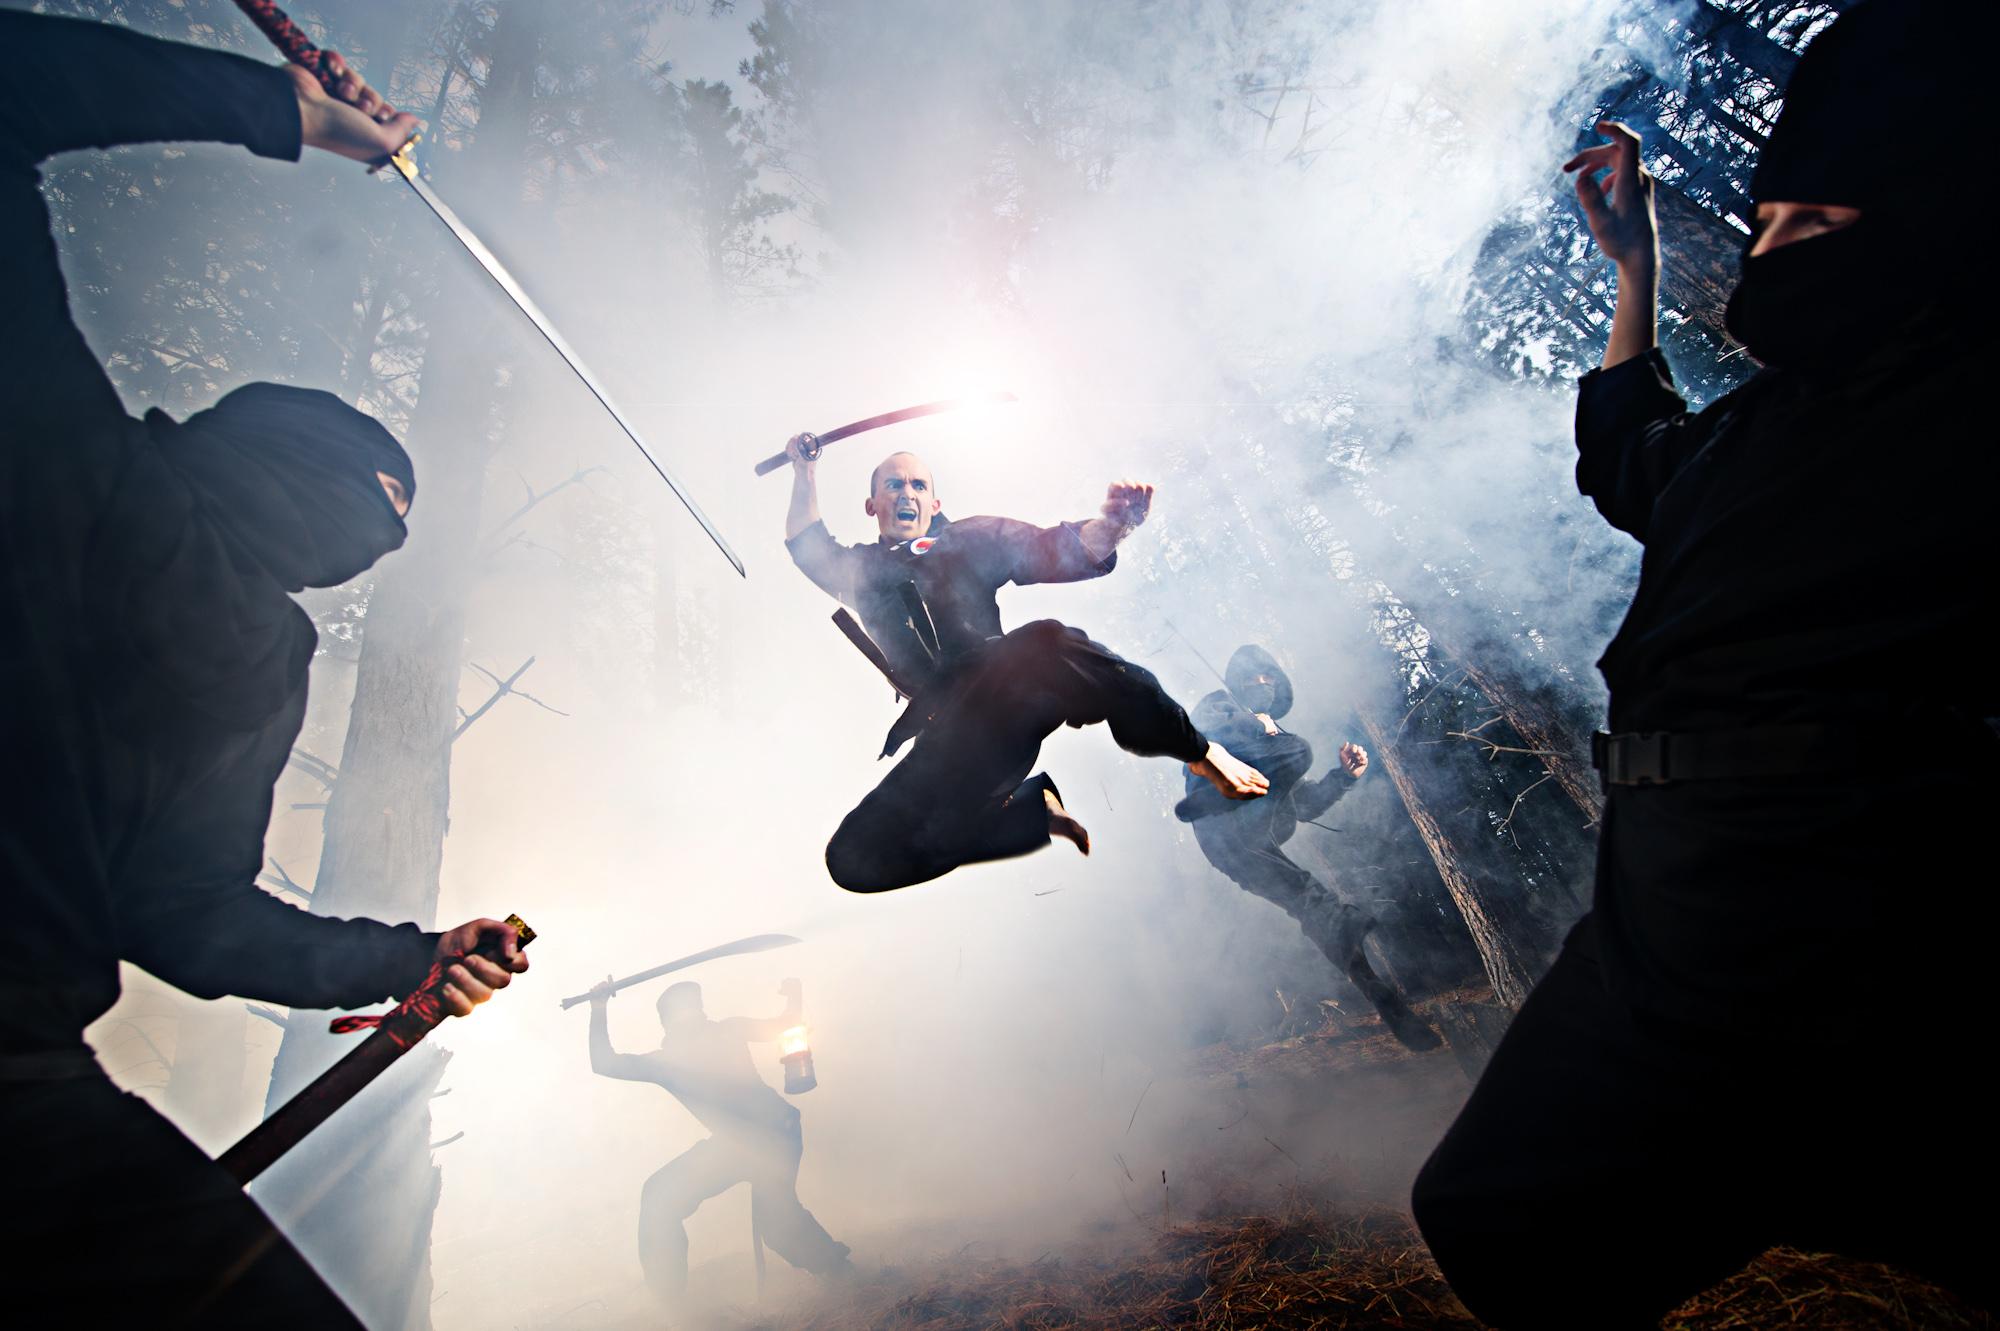 Kubota Ninja Horizontal